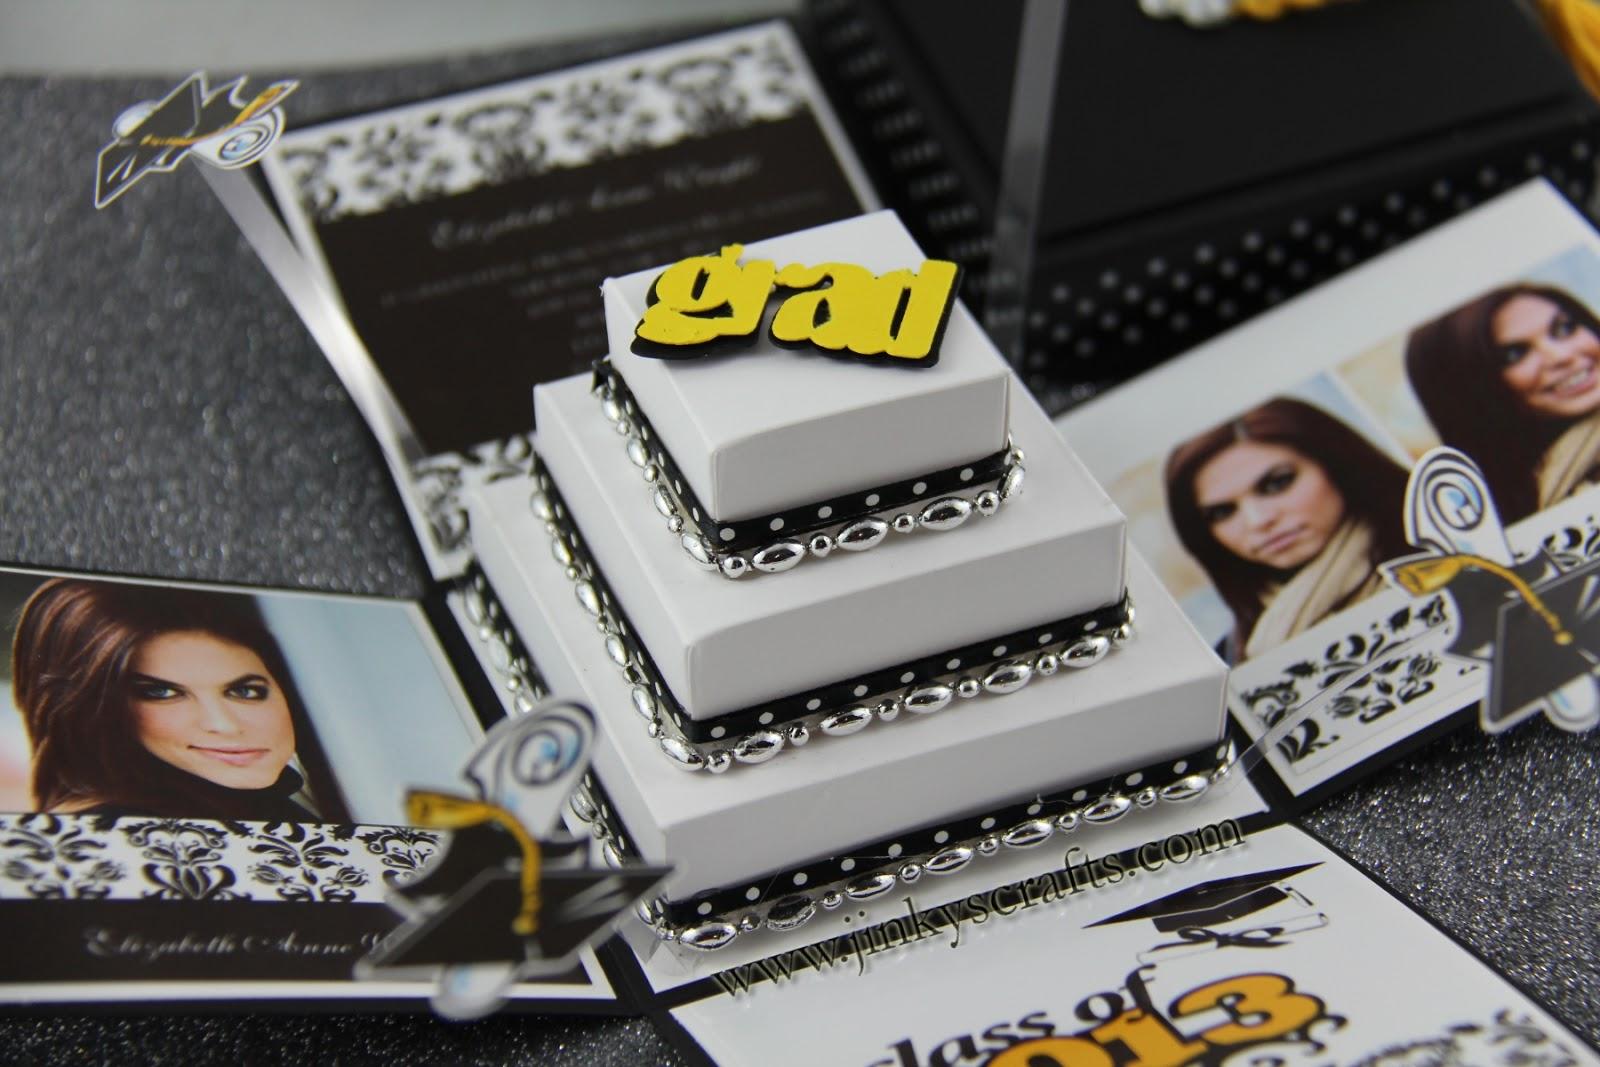 http://2.bp.blogspot.com/-QDLOyQSVURw/UPDG8TnfIII/AAAAAAAADDI/eNr76yjIbfs/s1600/2013+graduation+box+invitation2.jpg